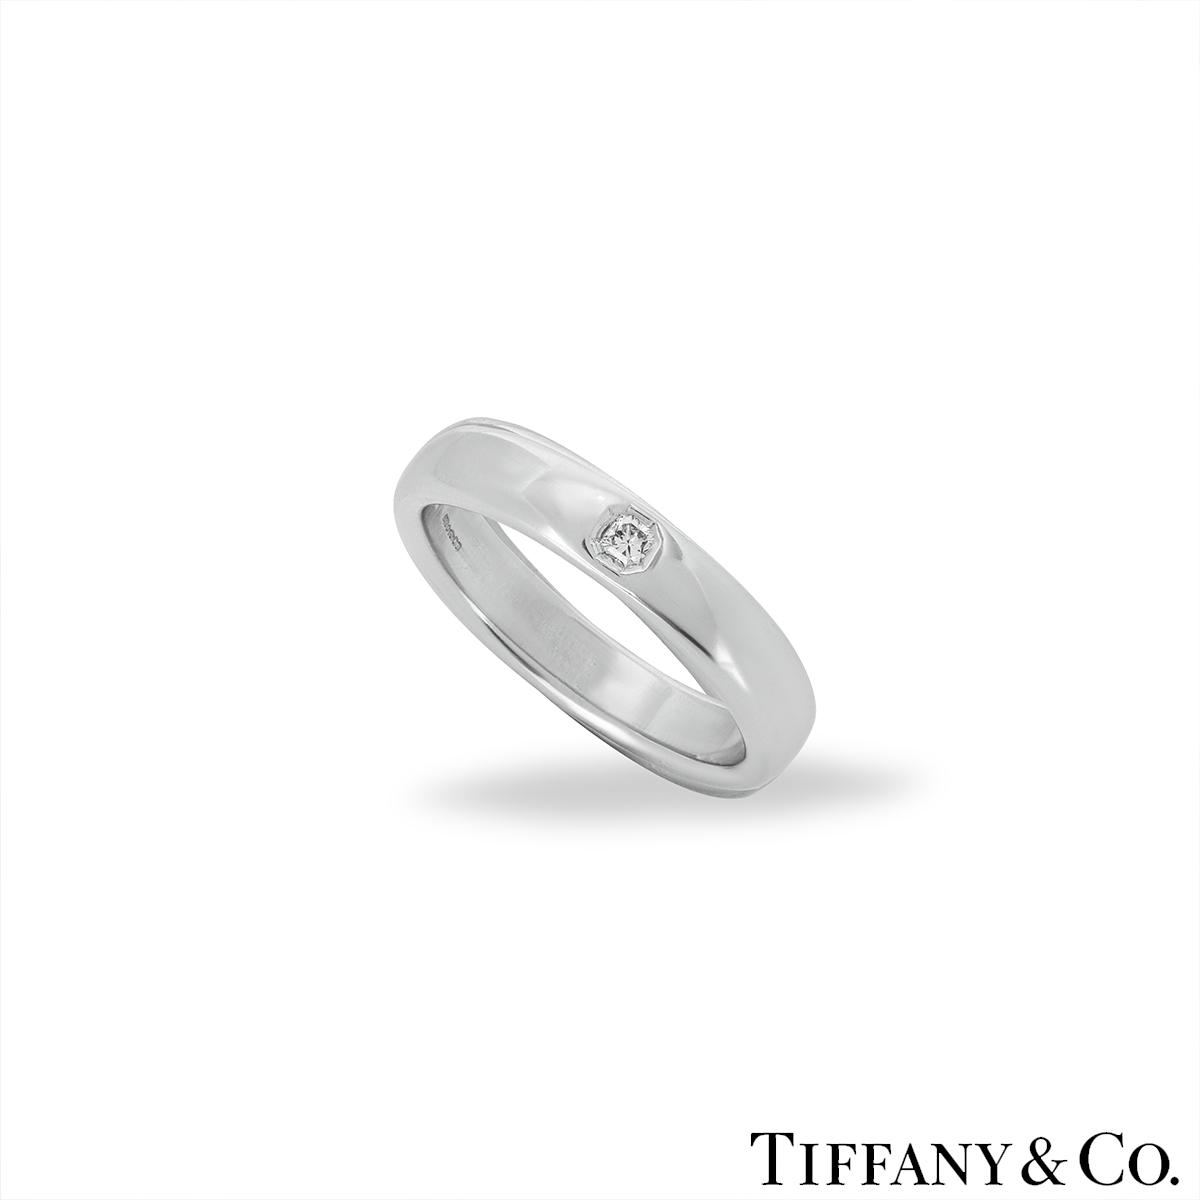 Tiffany & Co Lucida Diamond Wedding Ring in Platinum